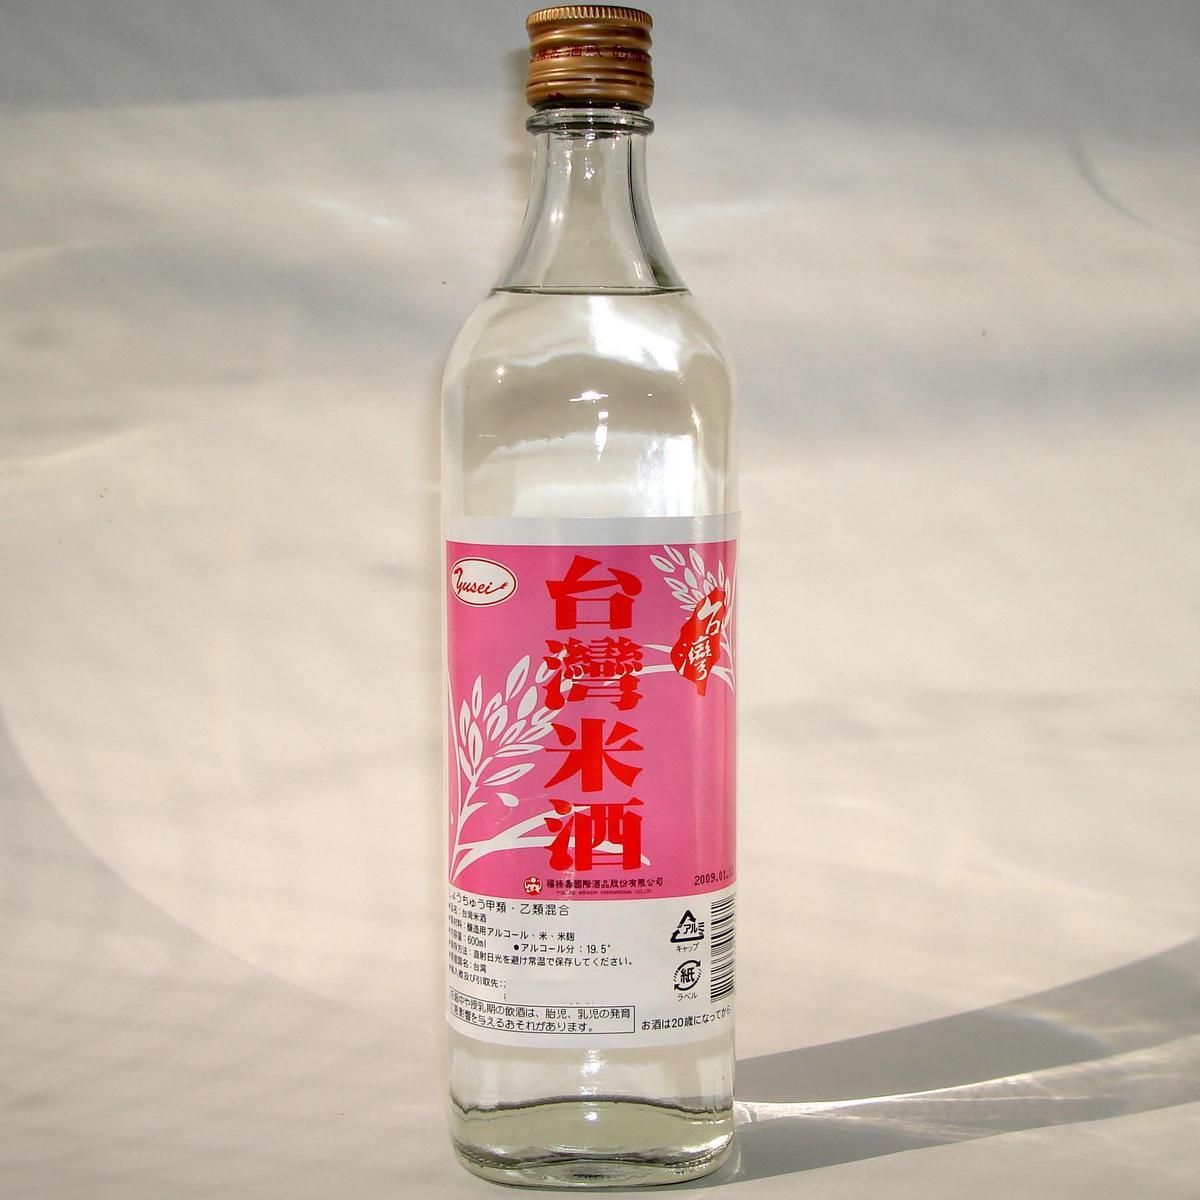 台湾米酒/瓶【米焼酎】台湾産料理酒